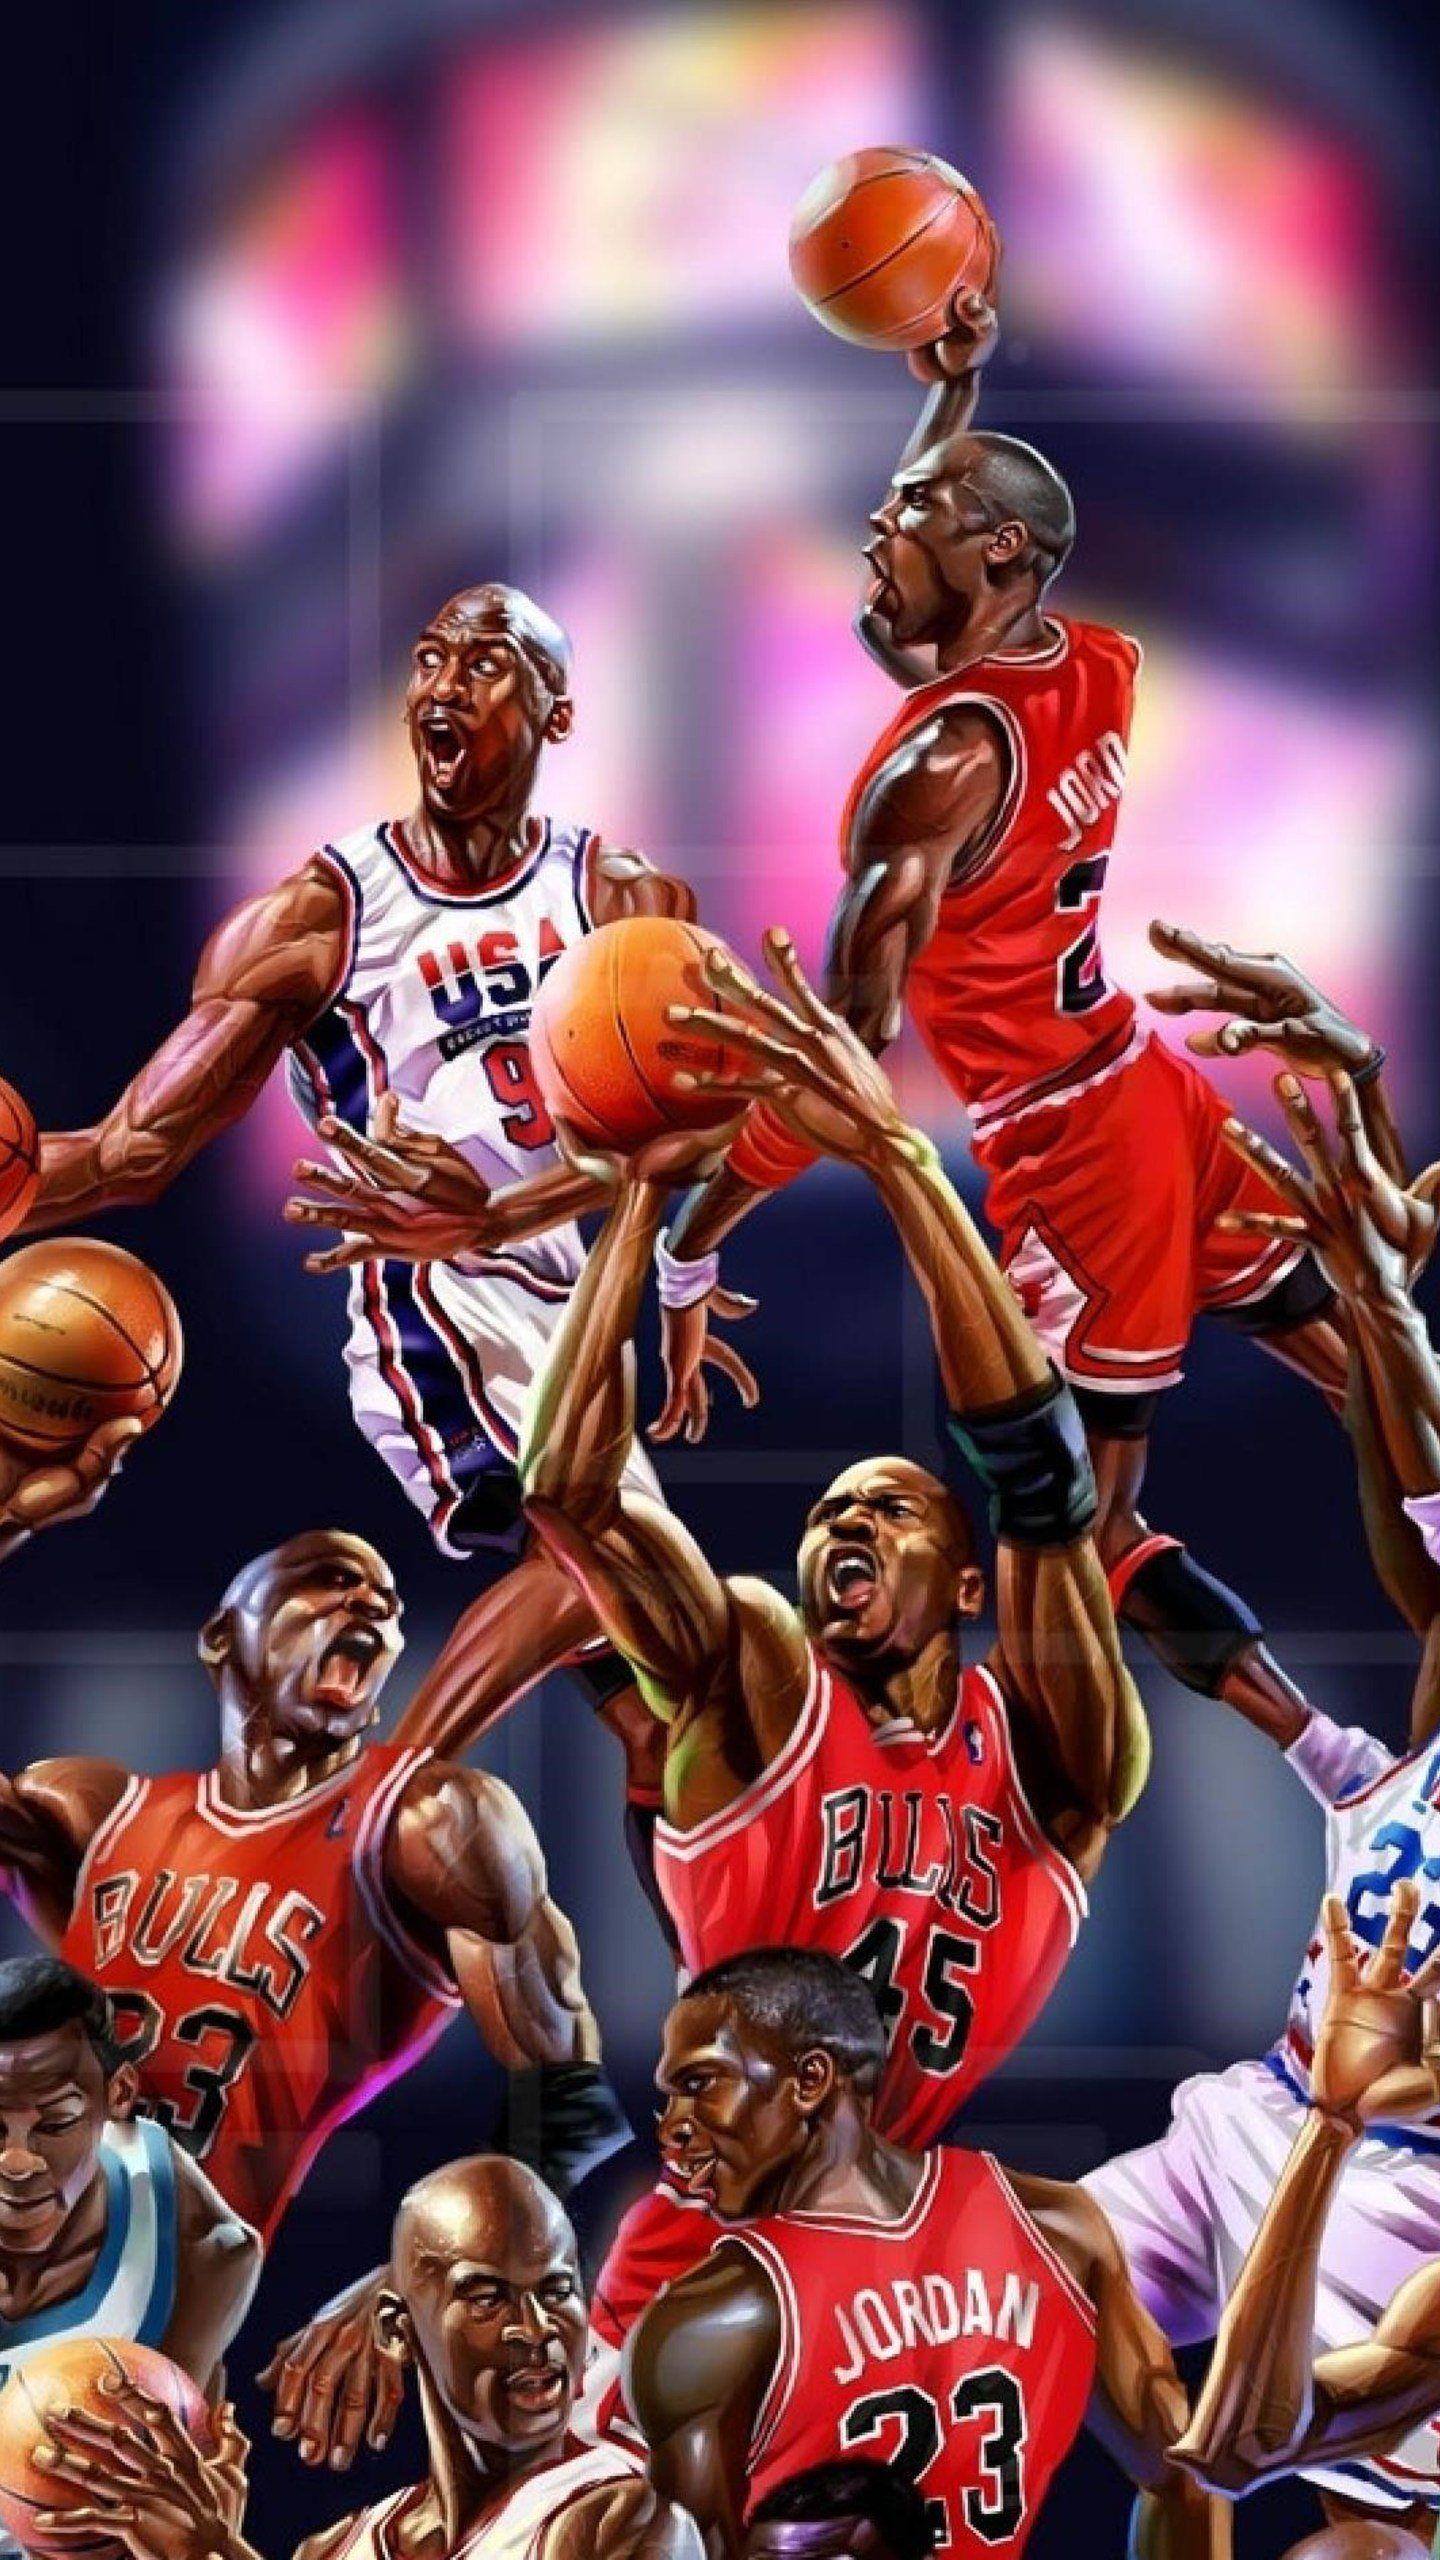 Michael Jordan Art HD Wallpaper in 2020 (With images